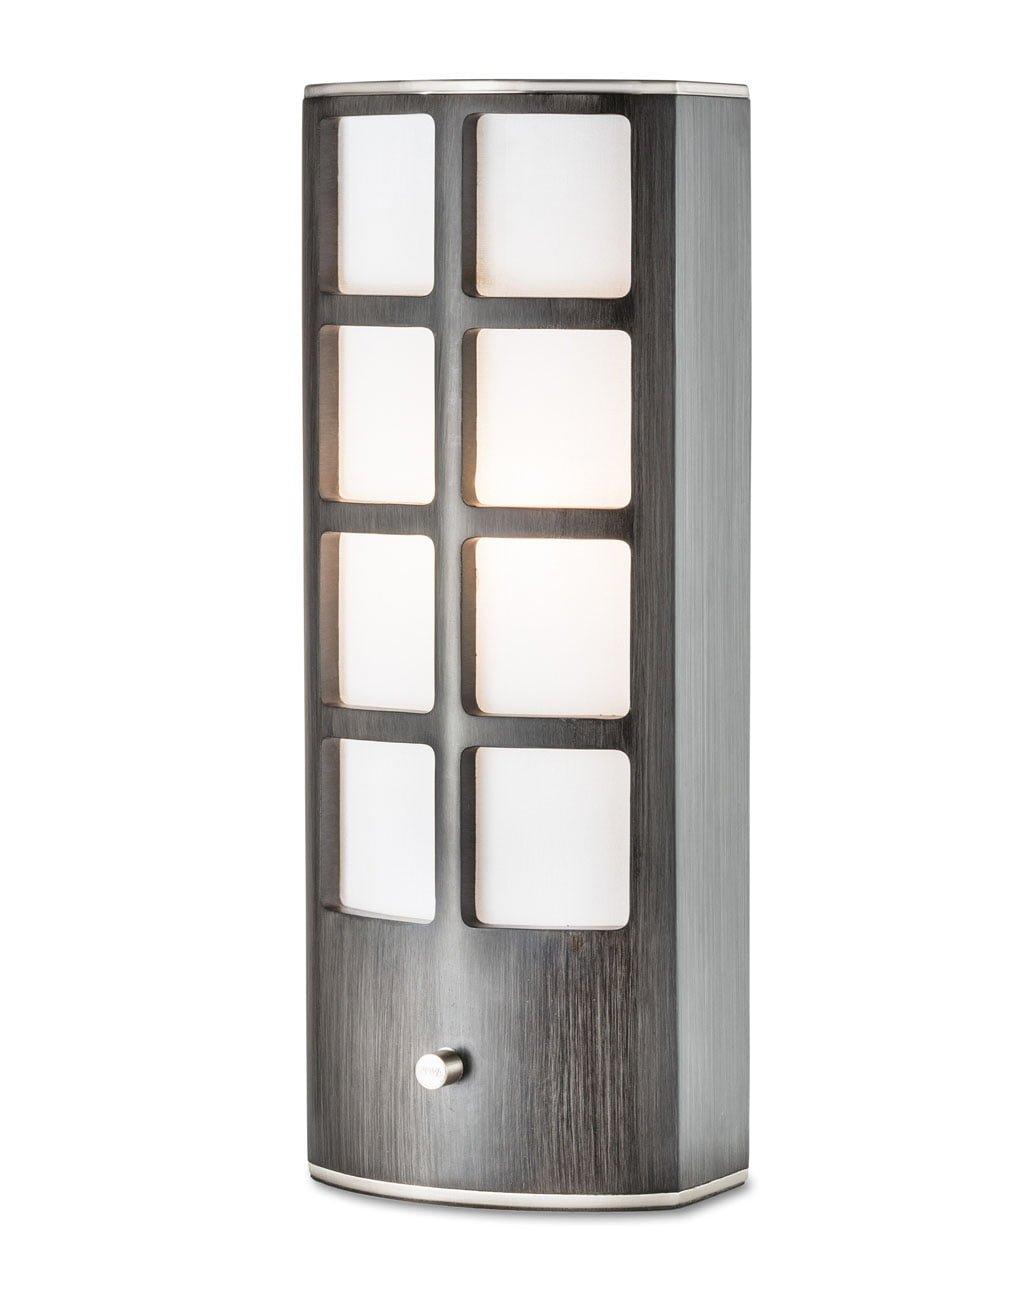 Ventana Accent Table Lamp, Brushed Aluminium